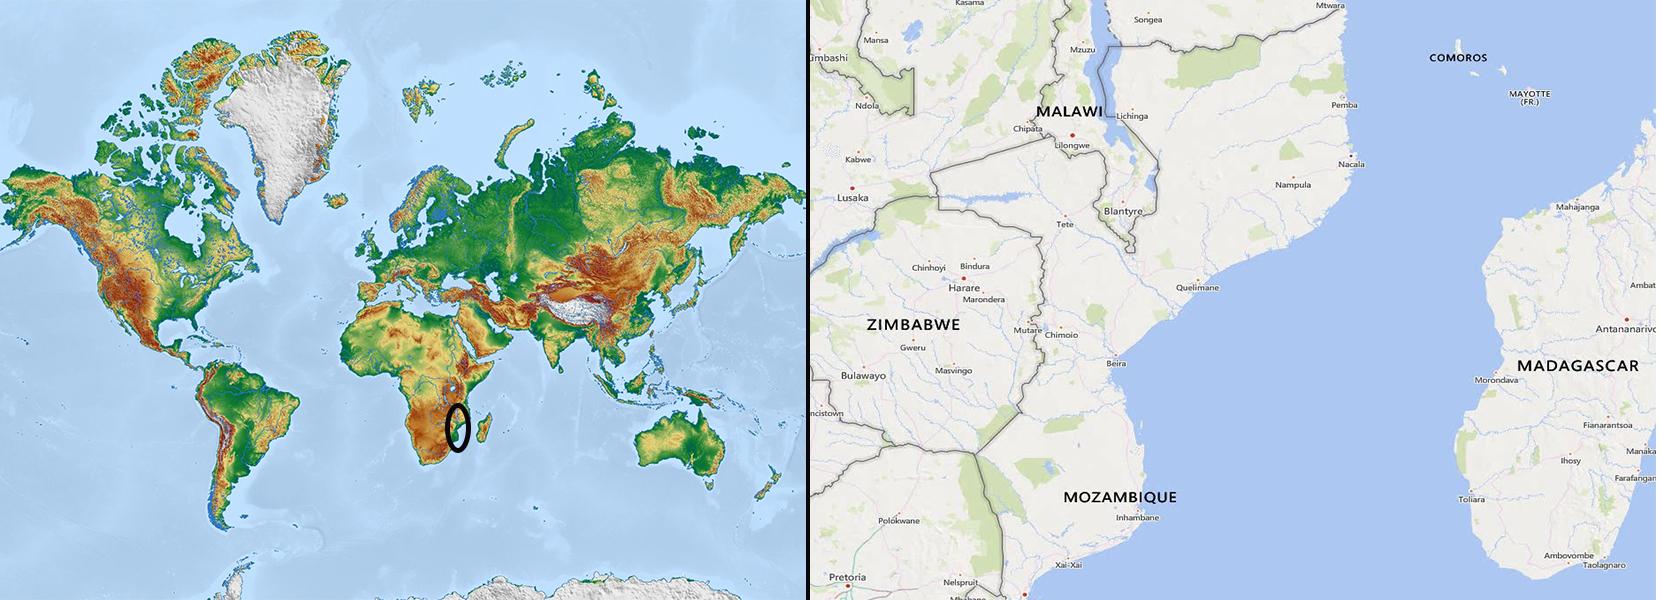 Mapa mundi+mozambique